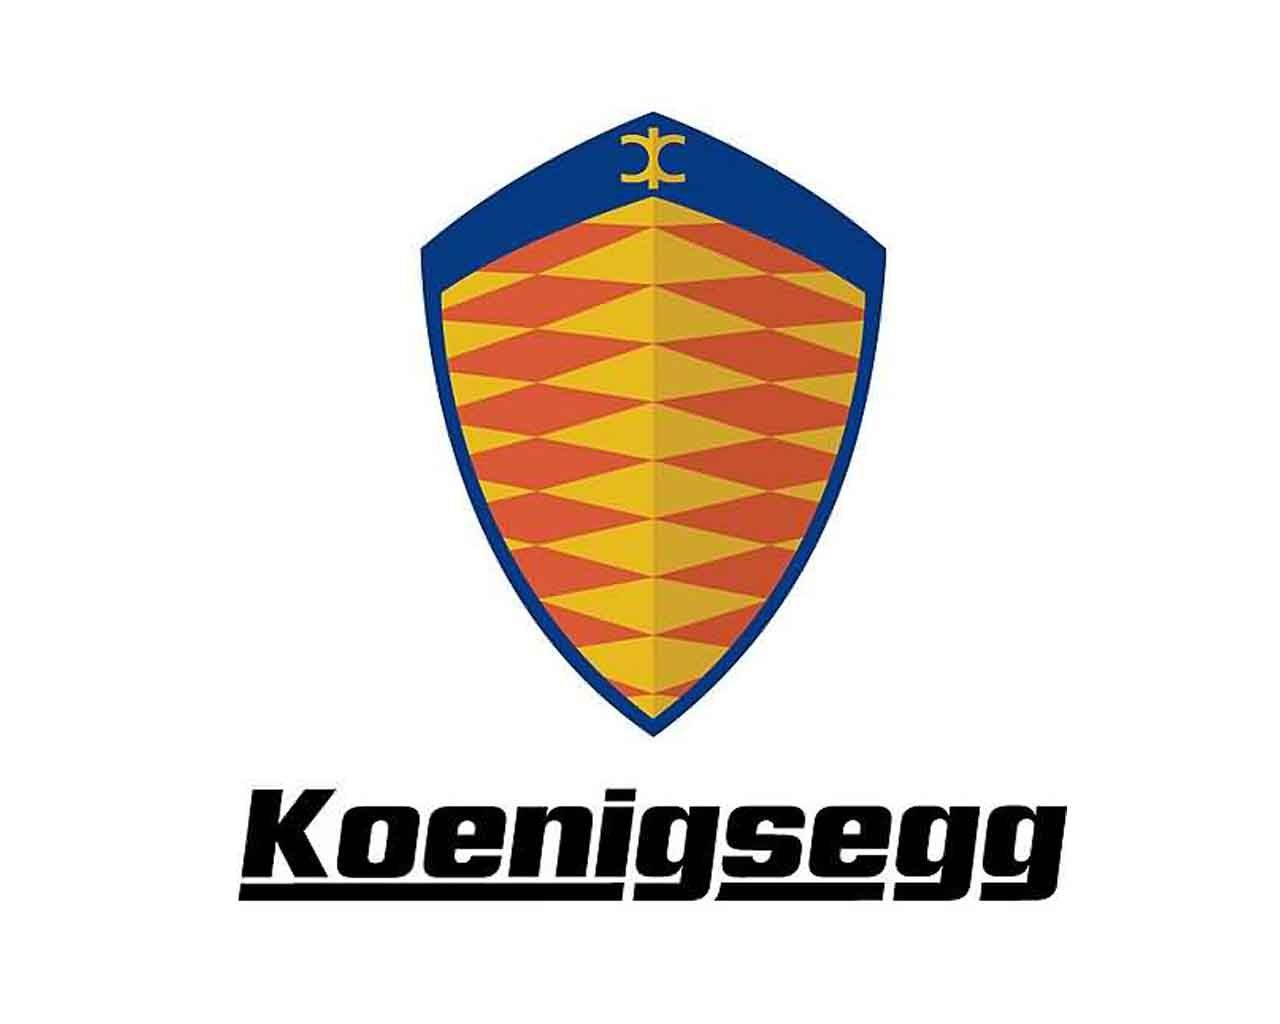 """Résultat de recherche d'images pour """"koenigsegg"""""""